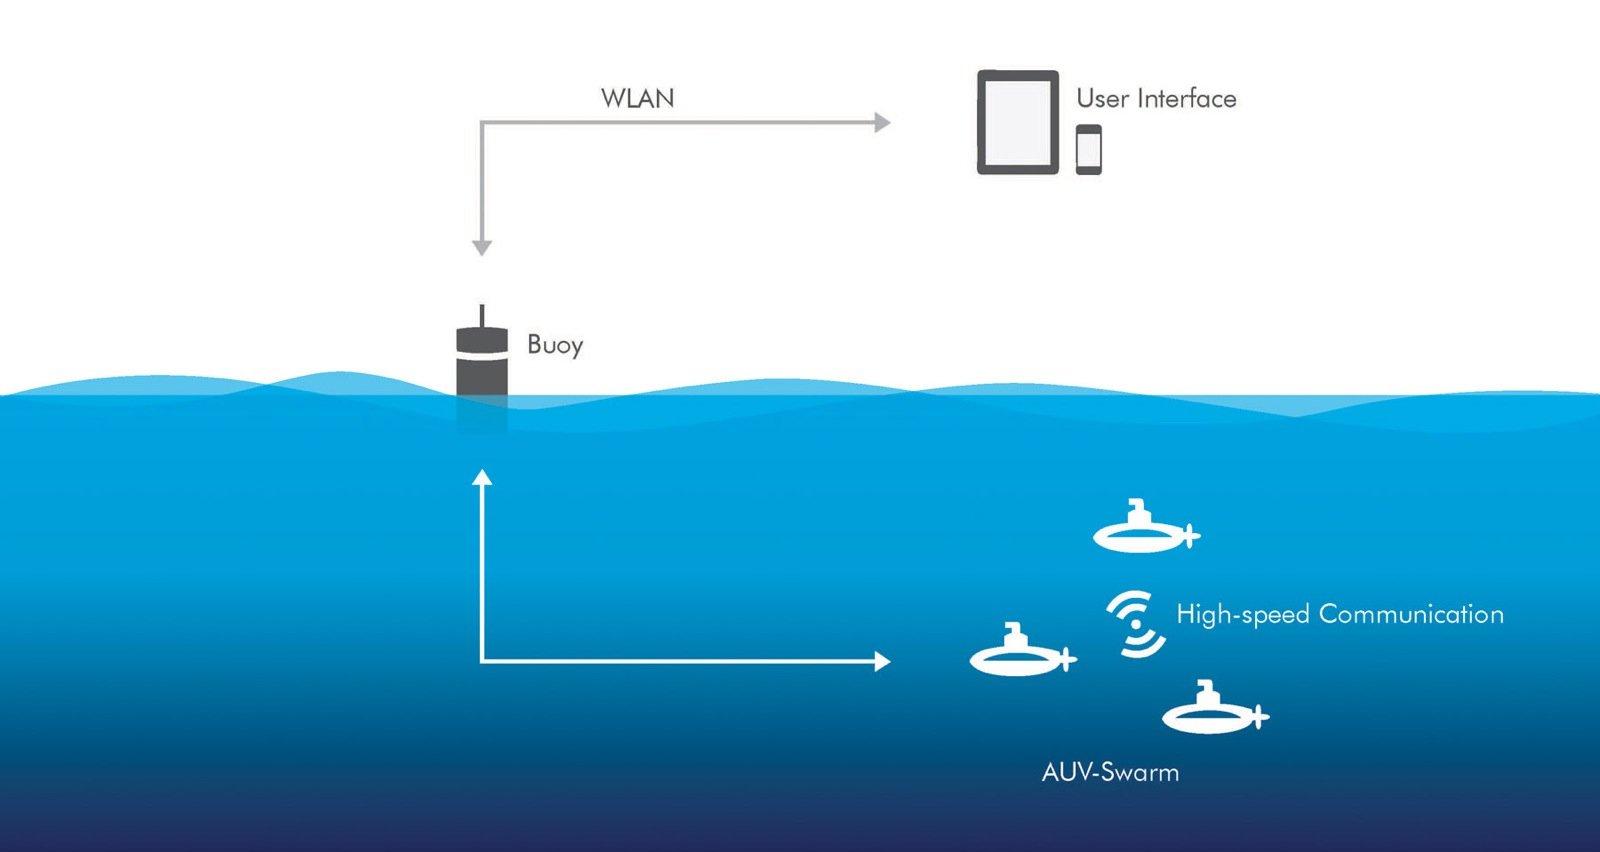 Die Grafik illustriert das Kommunikationsmodell eines Schwarms von autonomen Unterwasservehikeln. Ausgehend von einem Tablet, Handy oder PC wird eine Verbindung zur Boje mit konventioneller Technik (WLAN) aufgenommen. Die Daten werden in der Distanzkommunikation von der Boje zum Schwarm gesendet und innerhalb des Schwarms in Hochgeschwindigkeit übertragen.